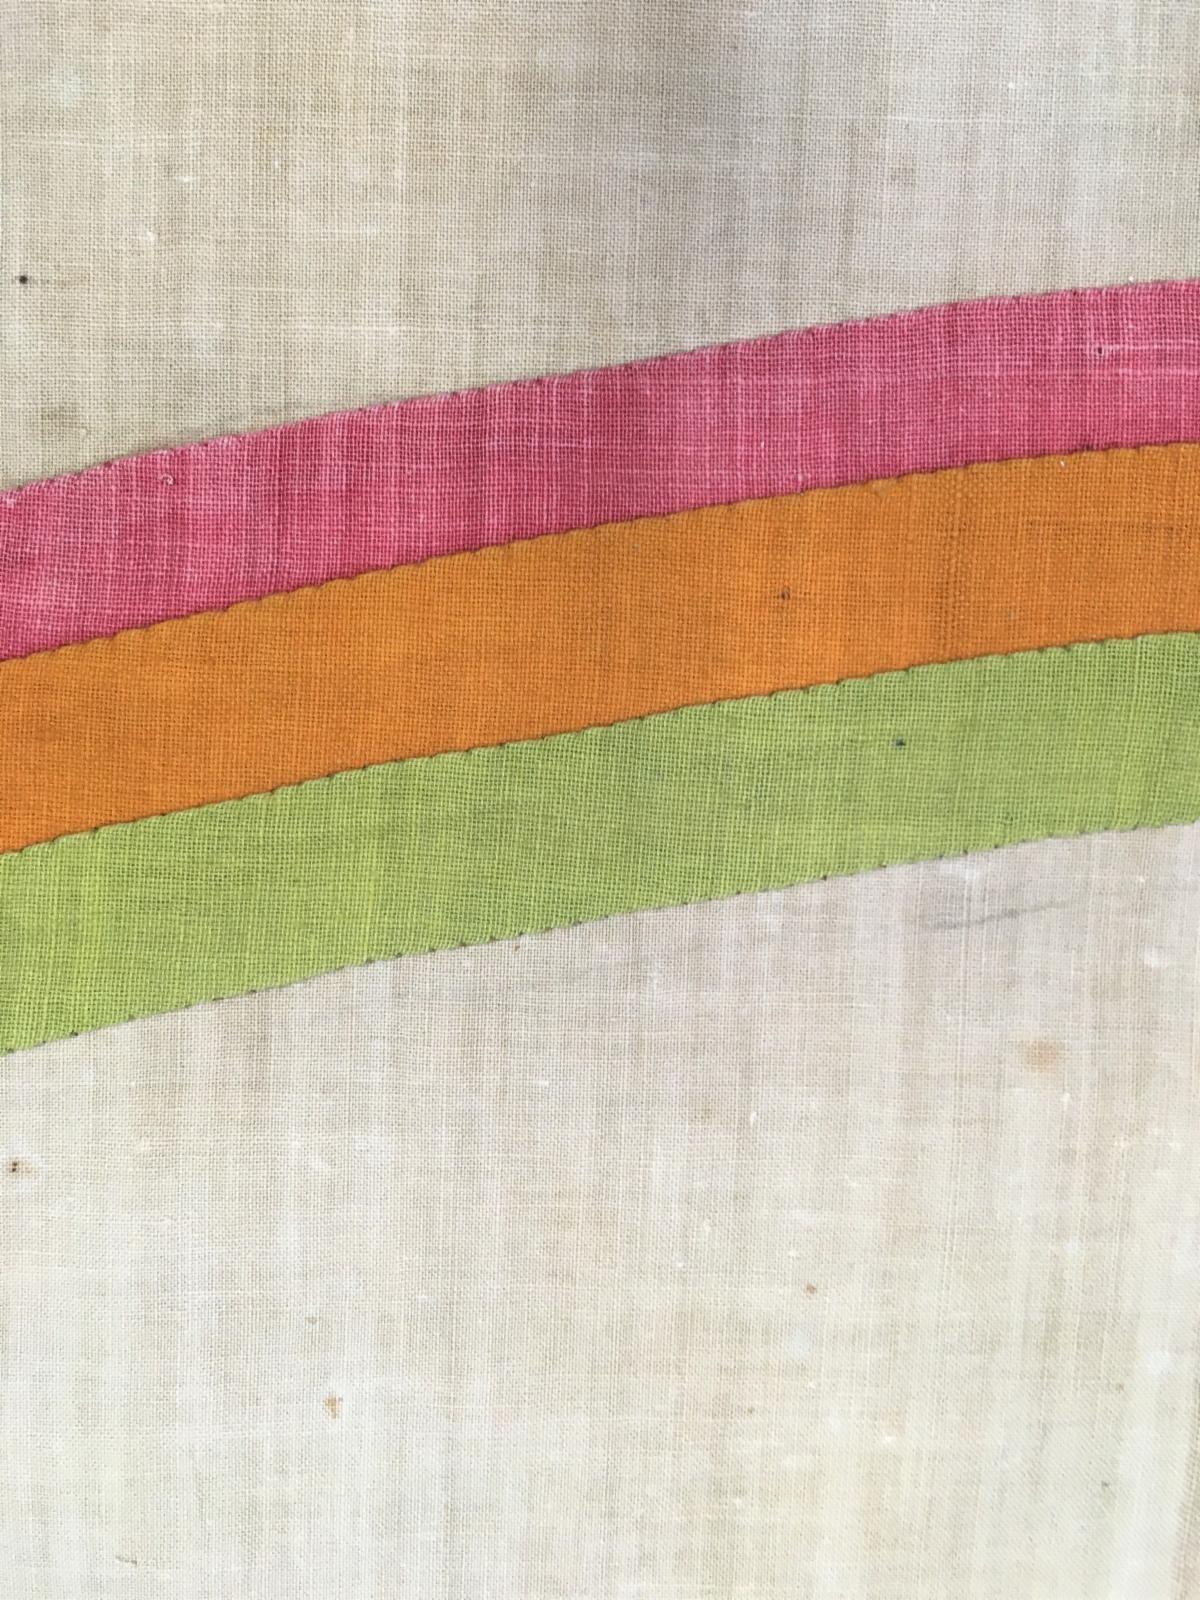 Curator_Figure 2_48208_detail.jpg